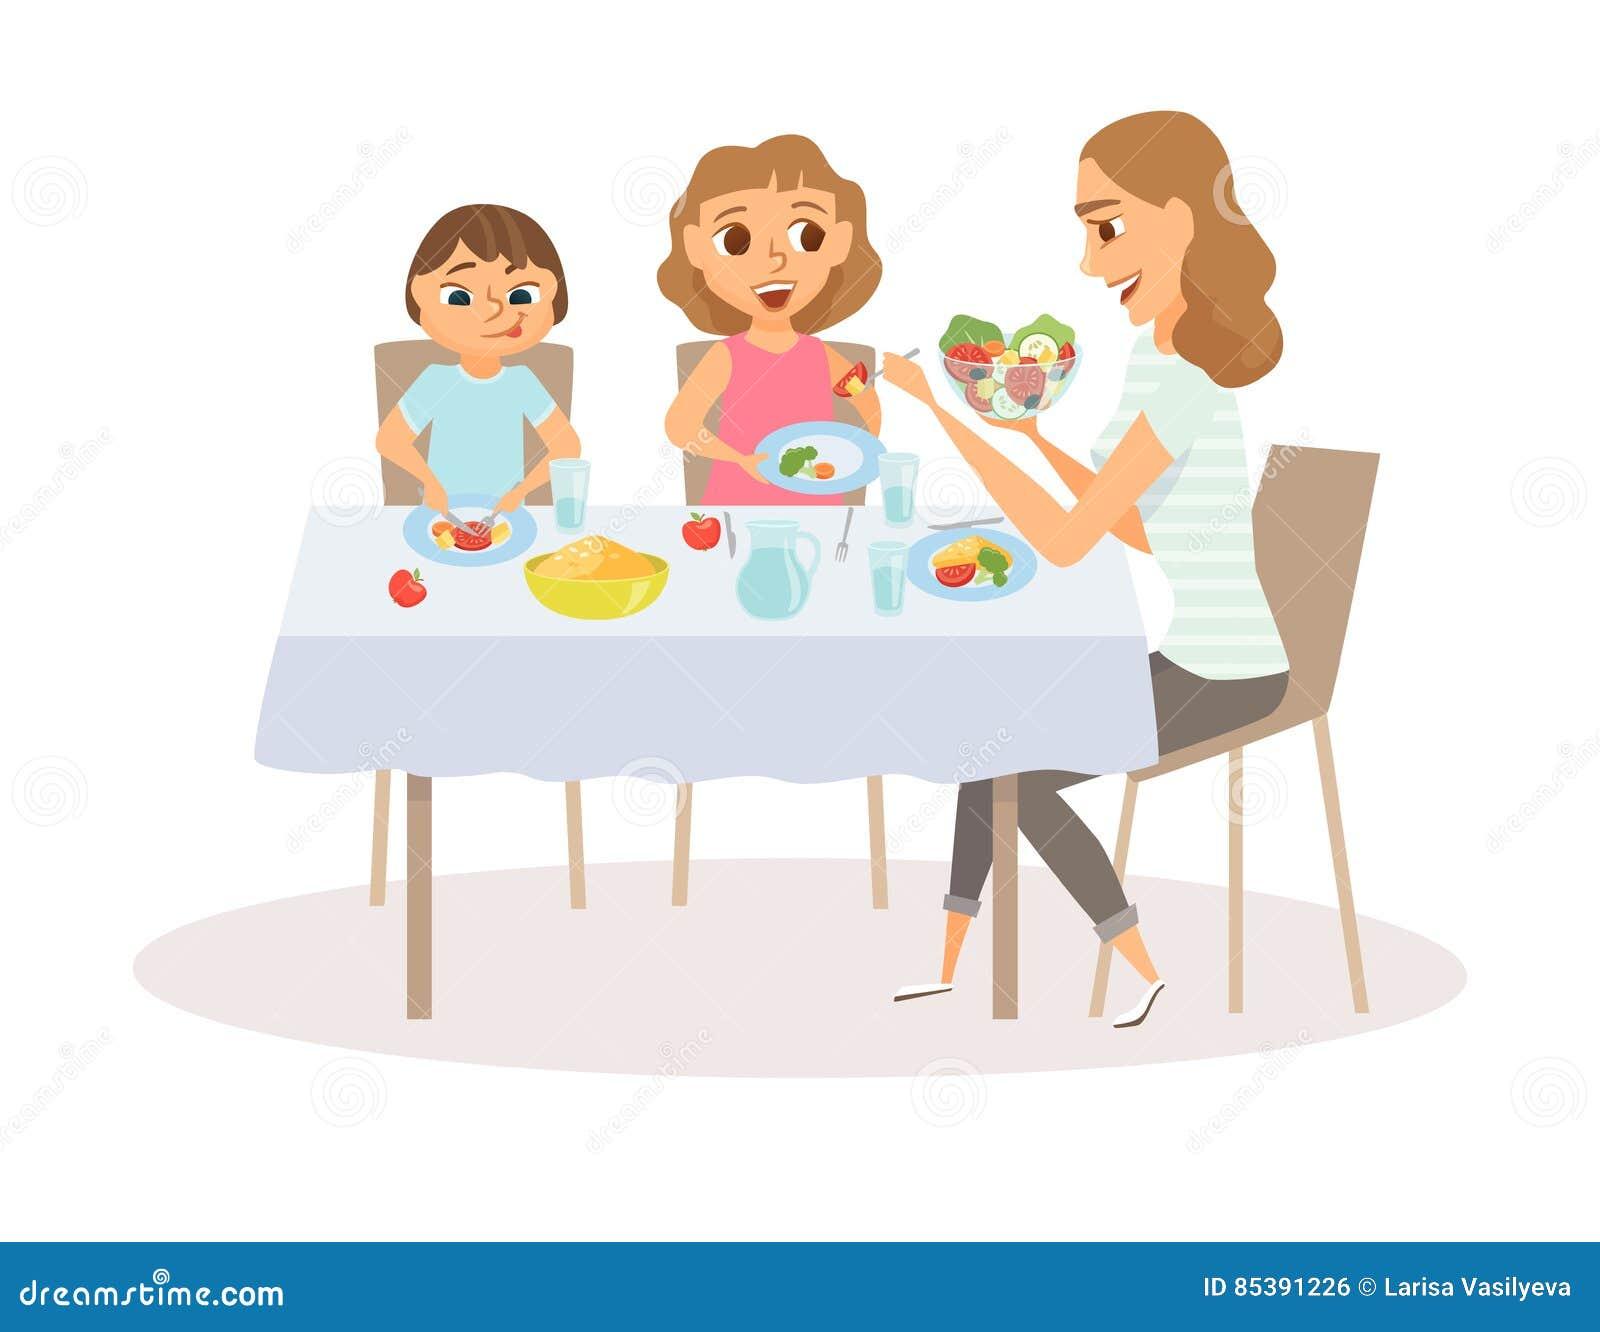 Eating Table Cartoon: Consommation De Maman Et D'enfant Illustration De Vecteur